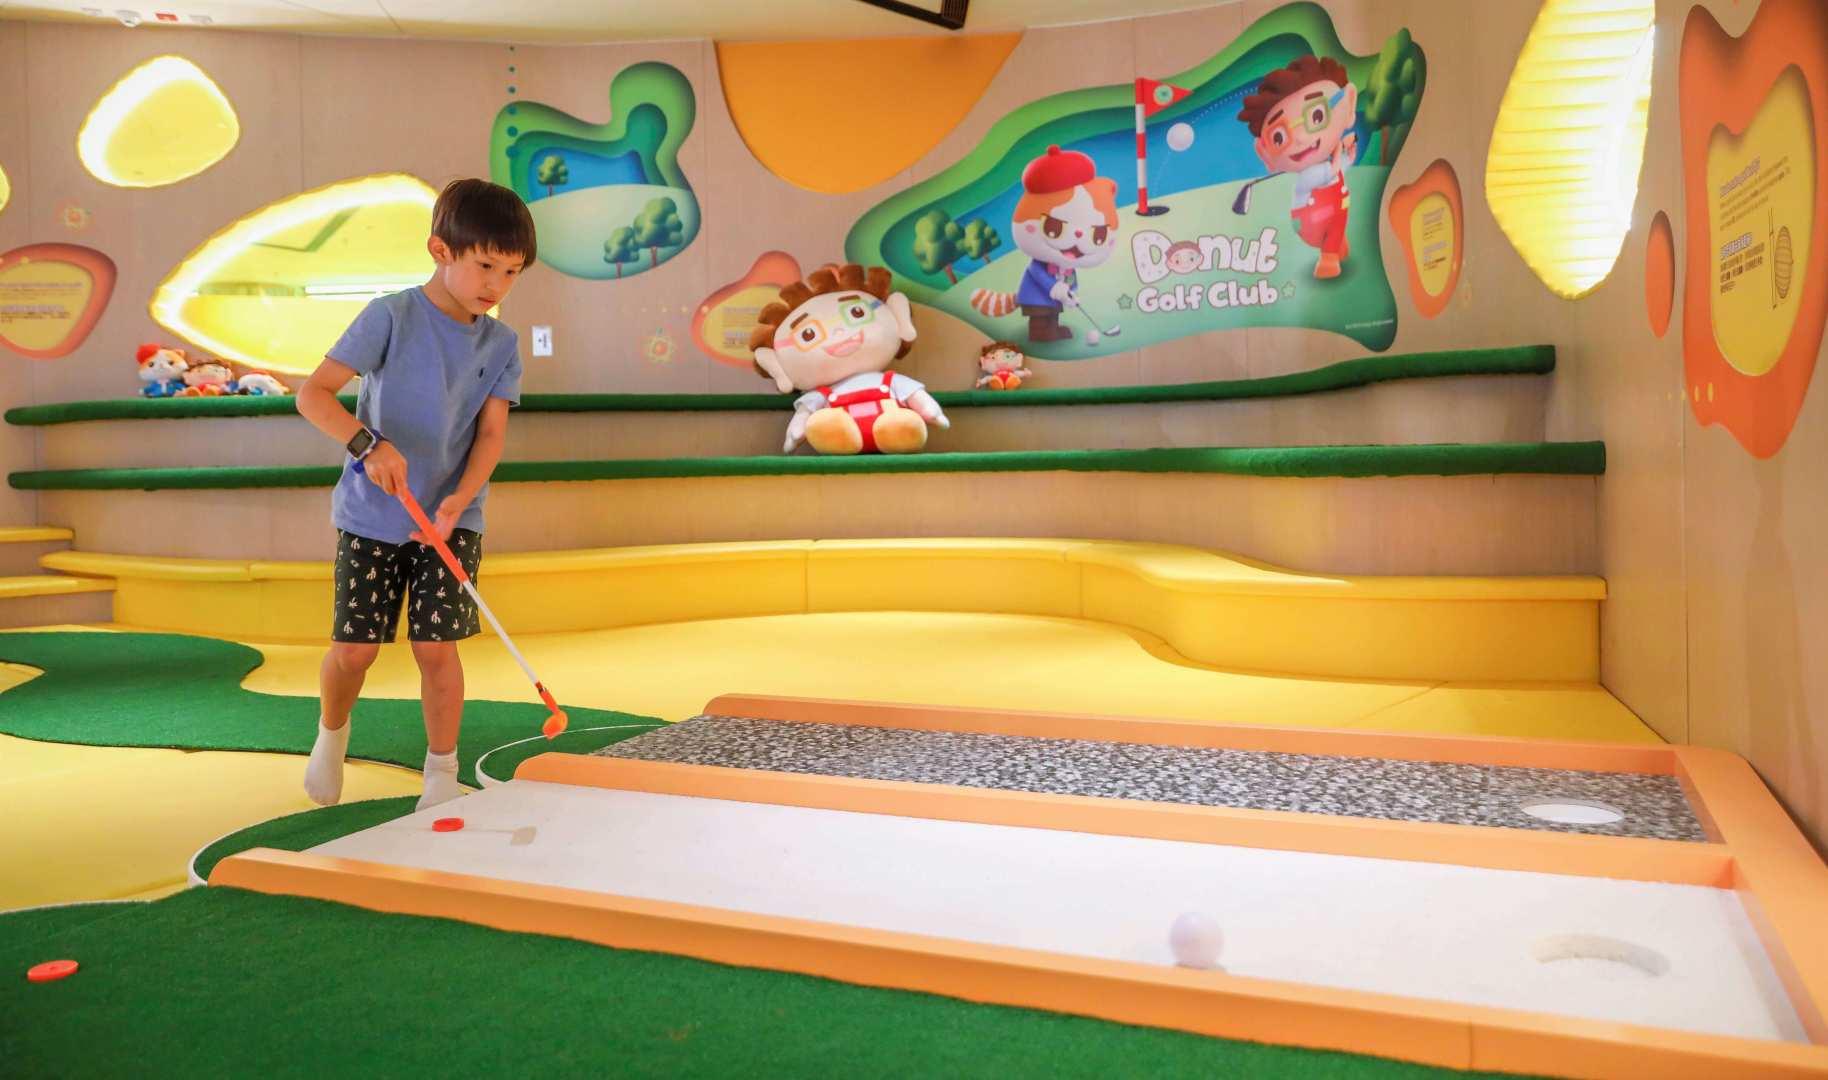 Donut Golf Club 兒童高爾夫球